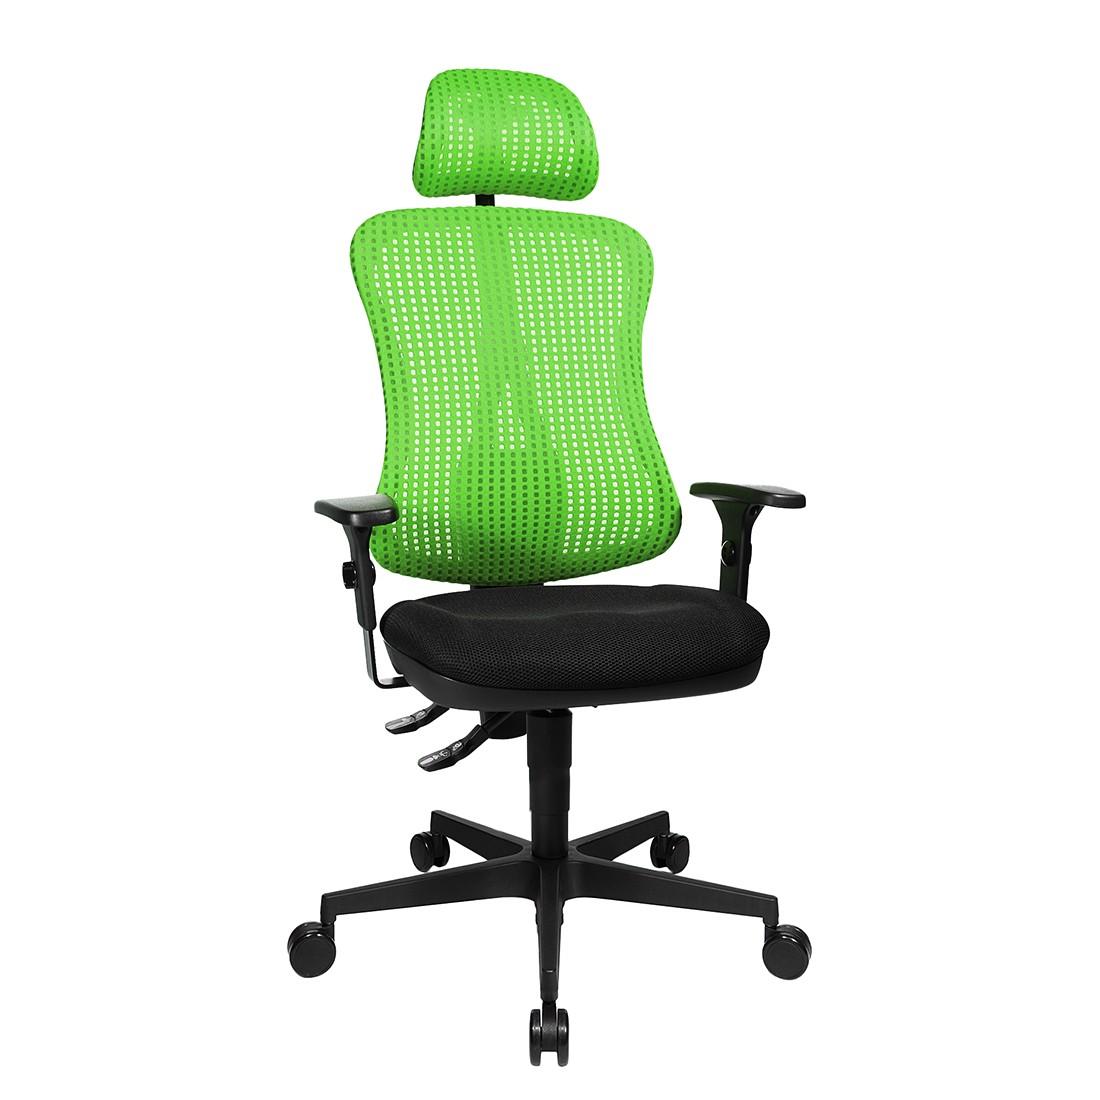 Bürodrehstuhl Head Point - Höhenverstellbare Armlehnen - Mit Kopfstütze - Grün / Schwarz, Topstar